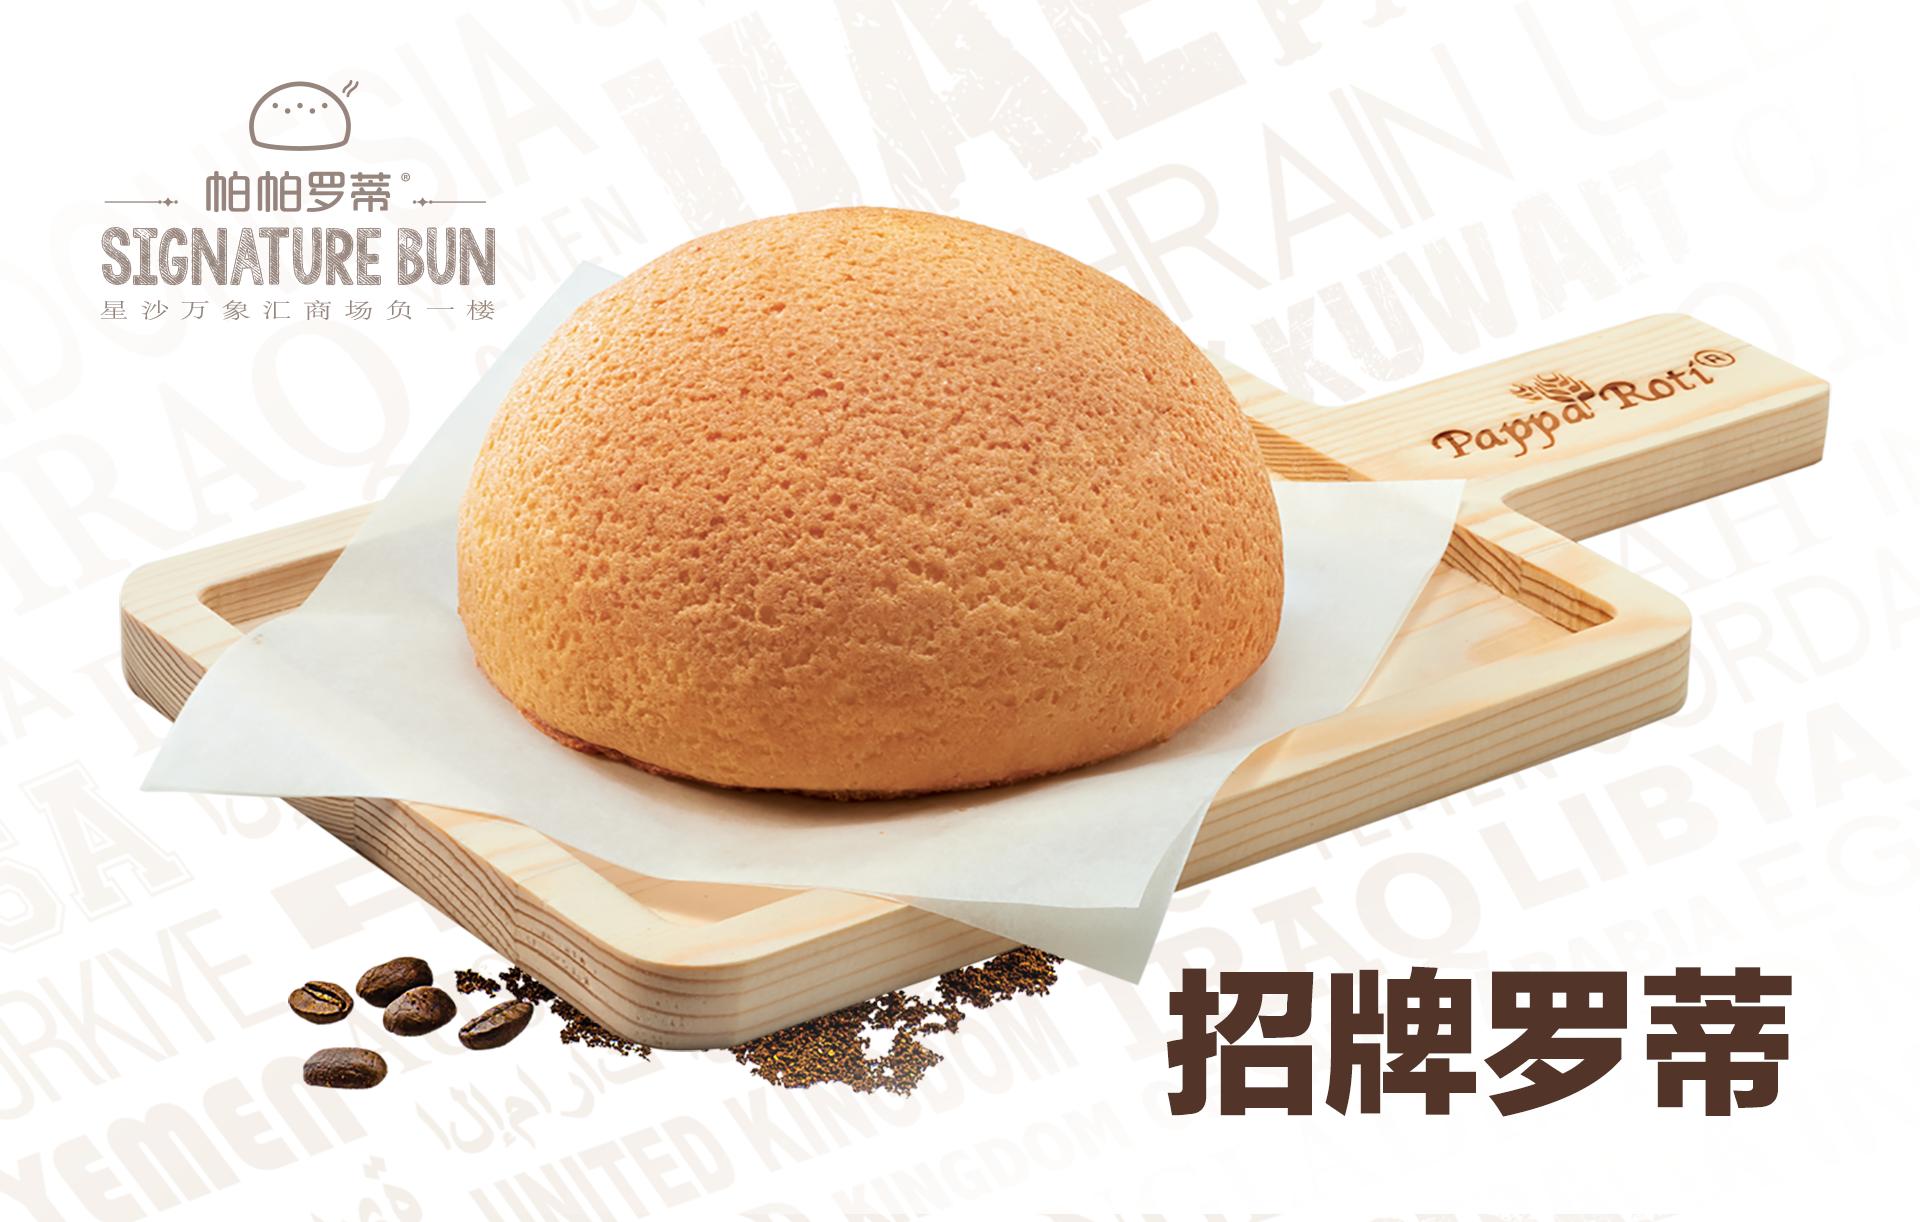 备受推崇的面包店加盟排行榜